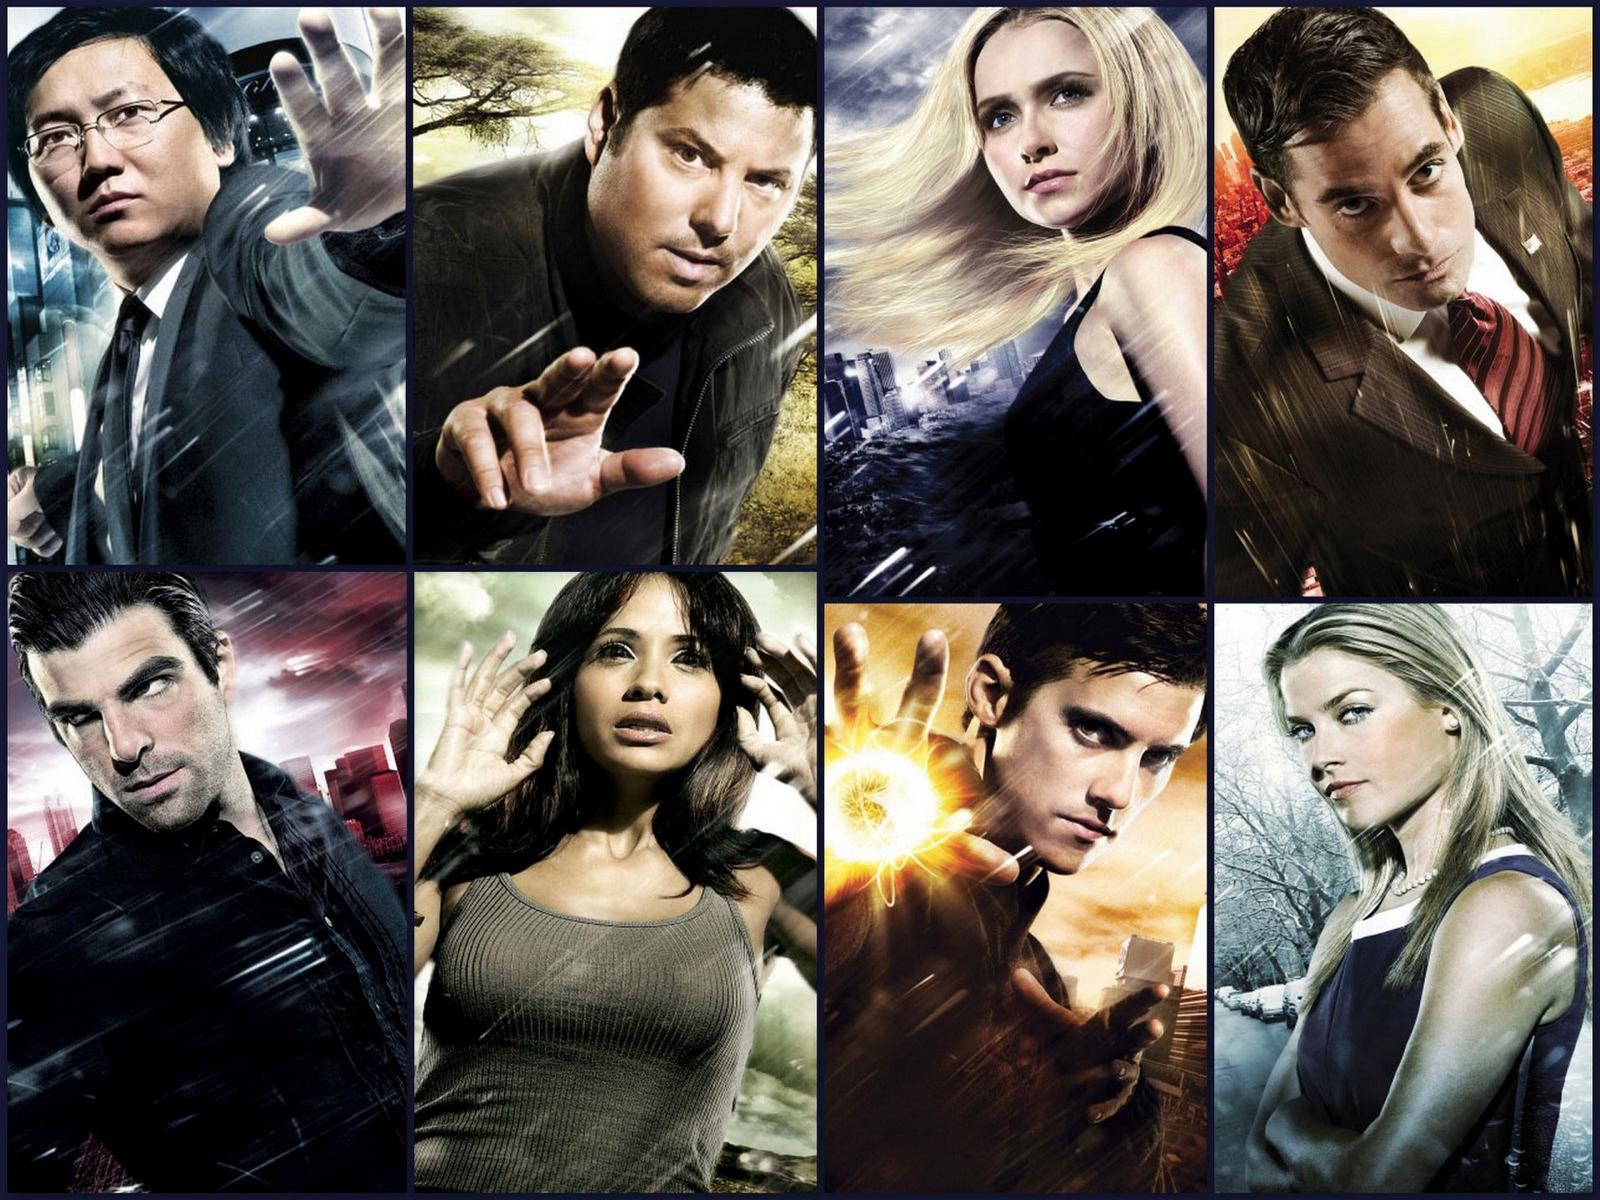 heroes s3 wallpaper - photo #31